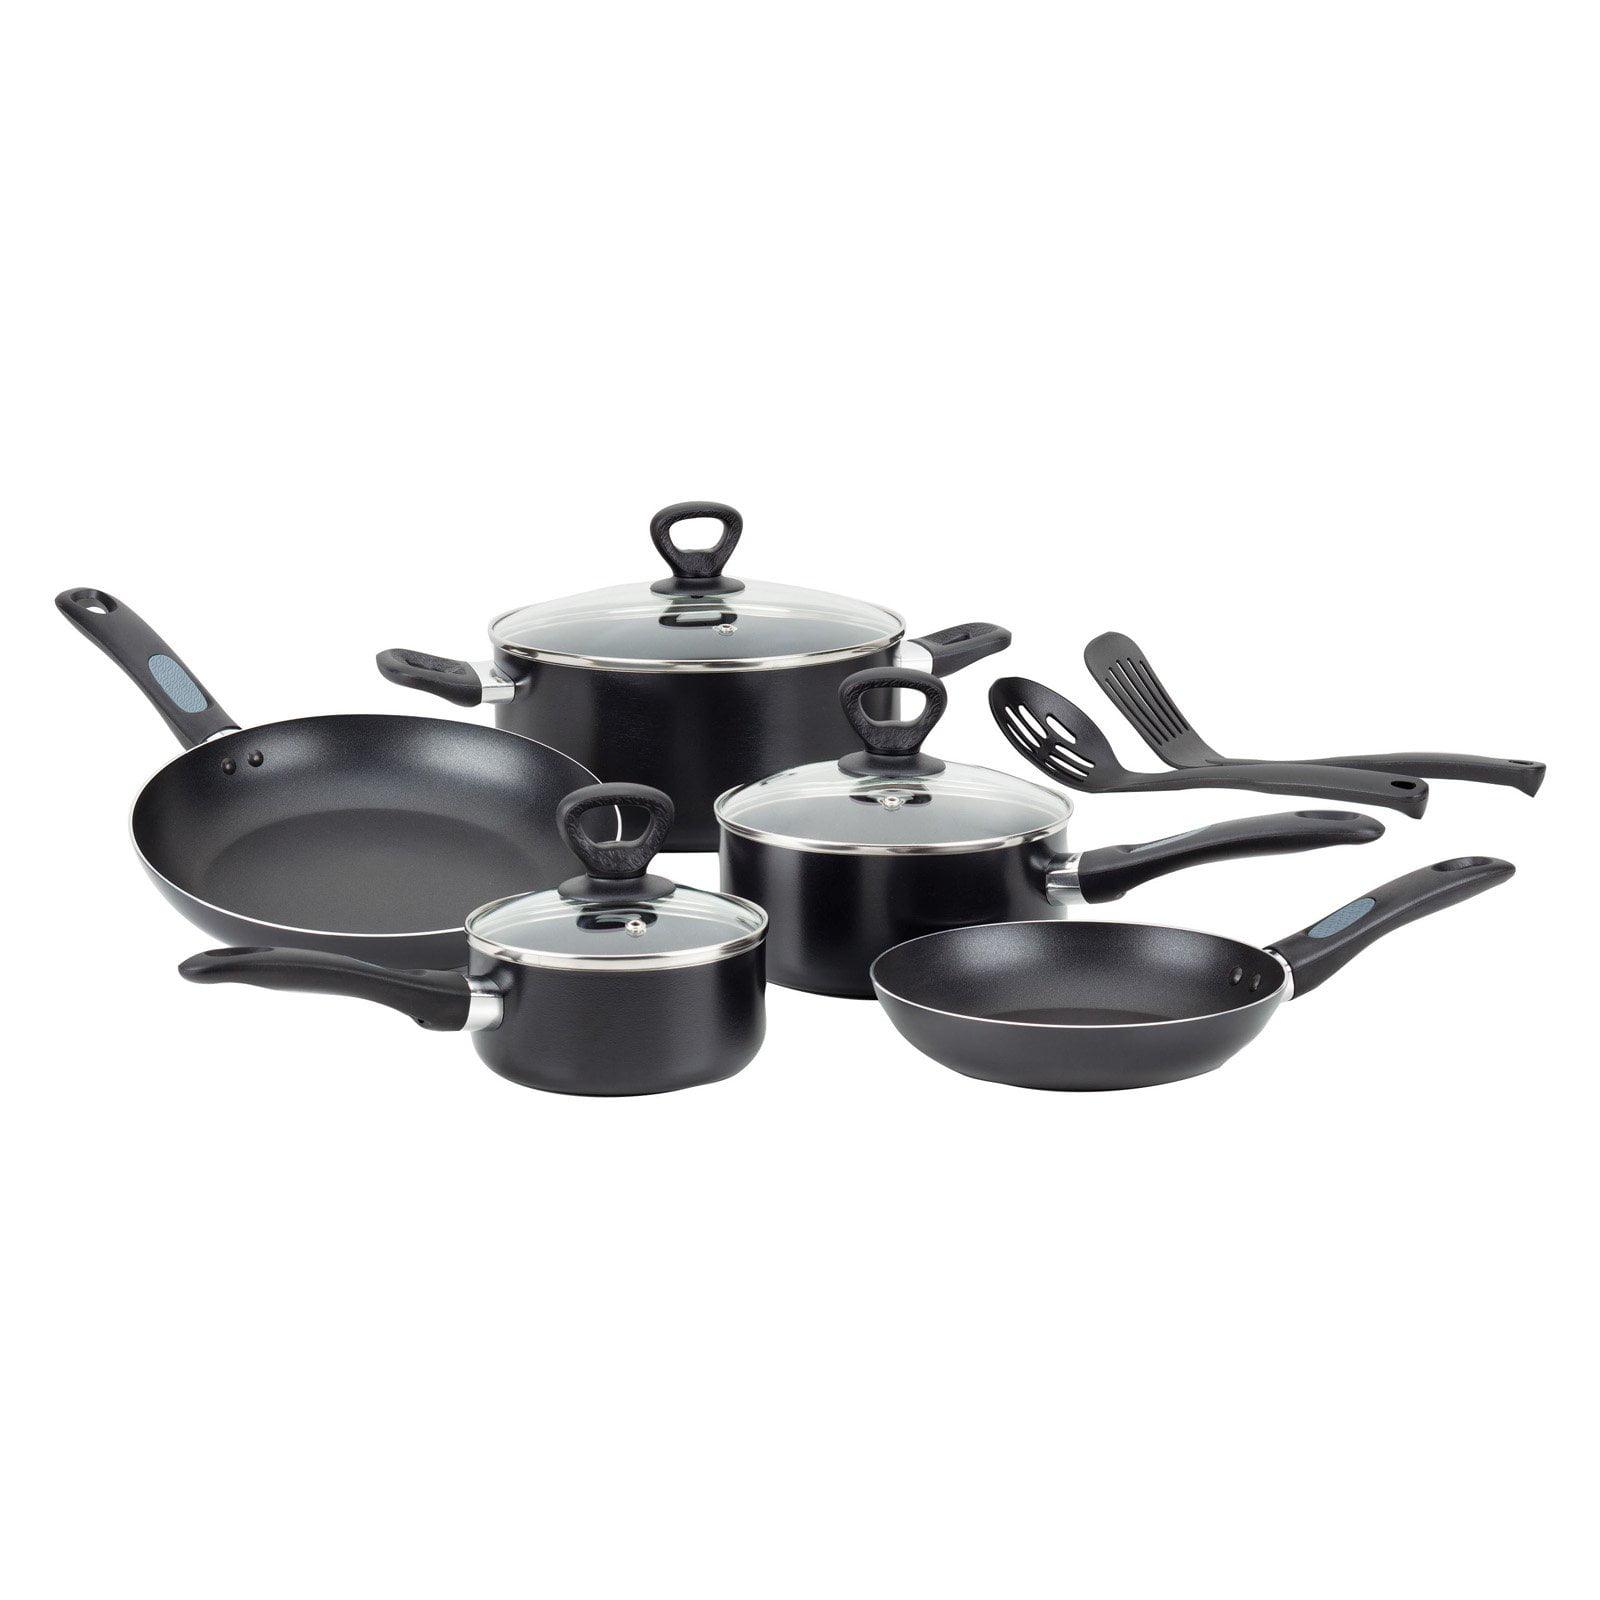 Mirro A797SA84 Get-A-Grip Nonstick 10-Piece Cookware Set